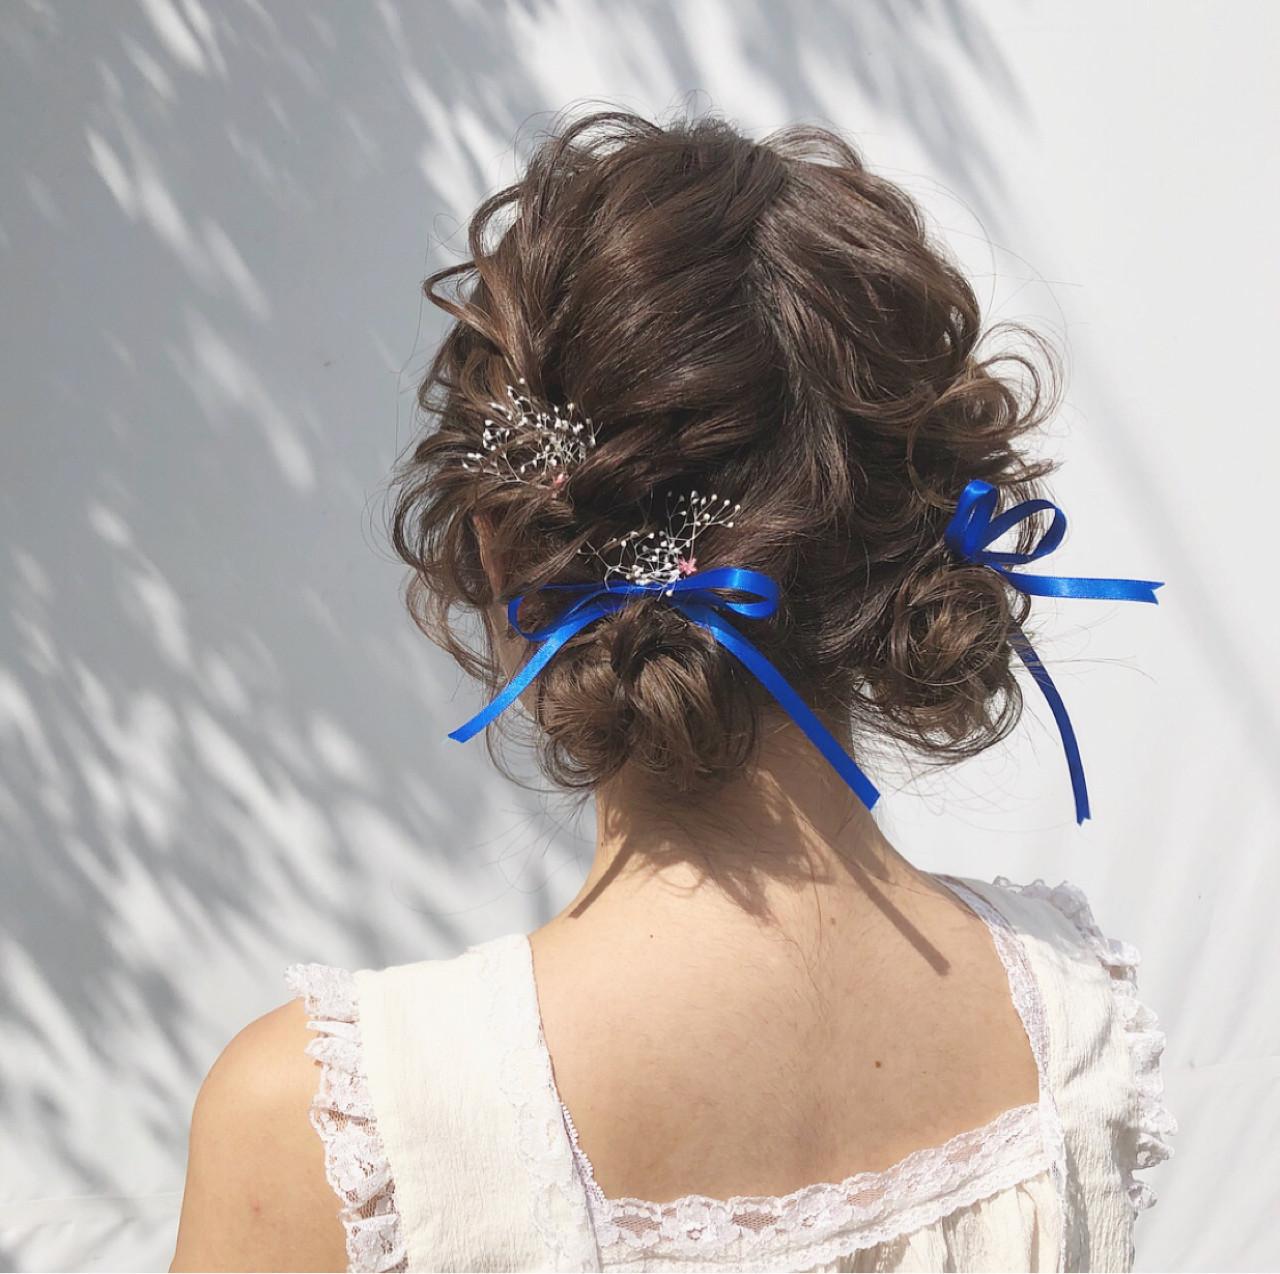 お団子 セミロング イベント ヘアアレンジ ヘアスタイルや髪型の写真・画像